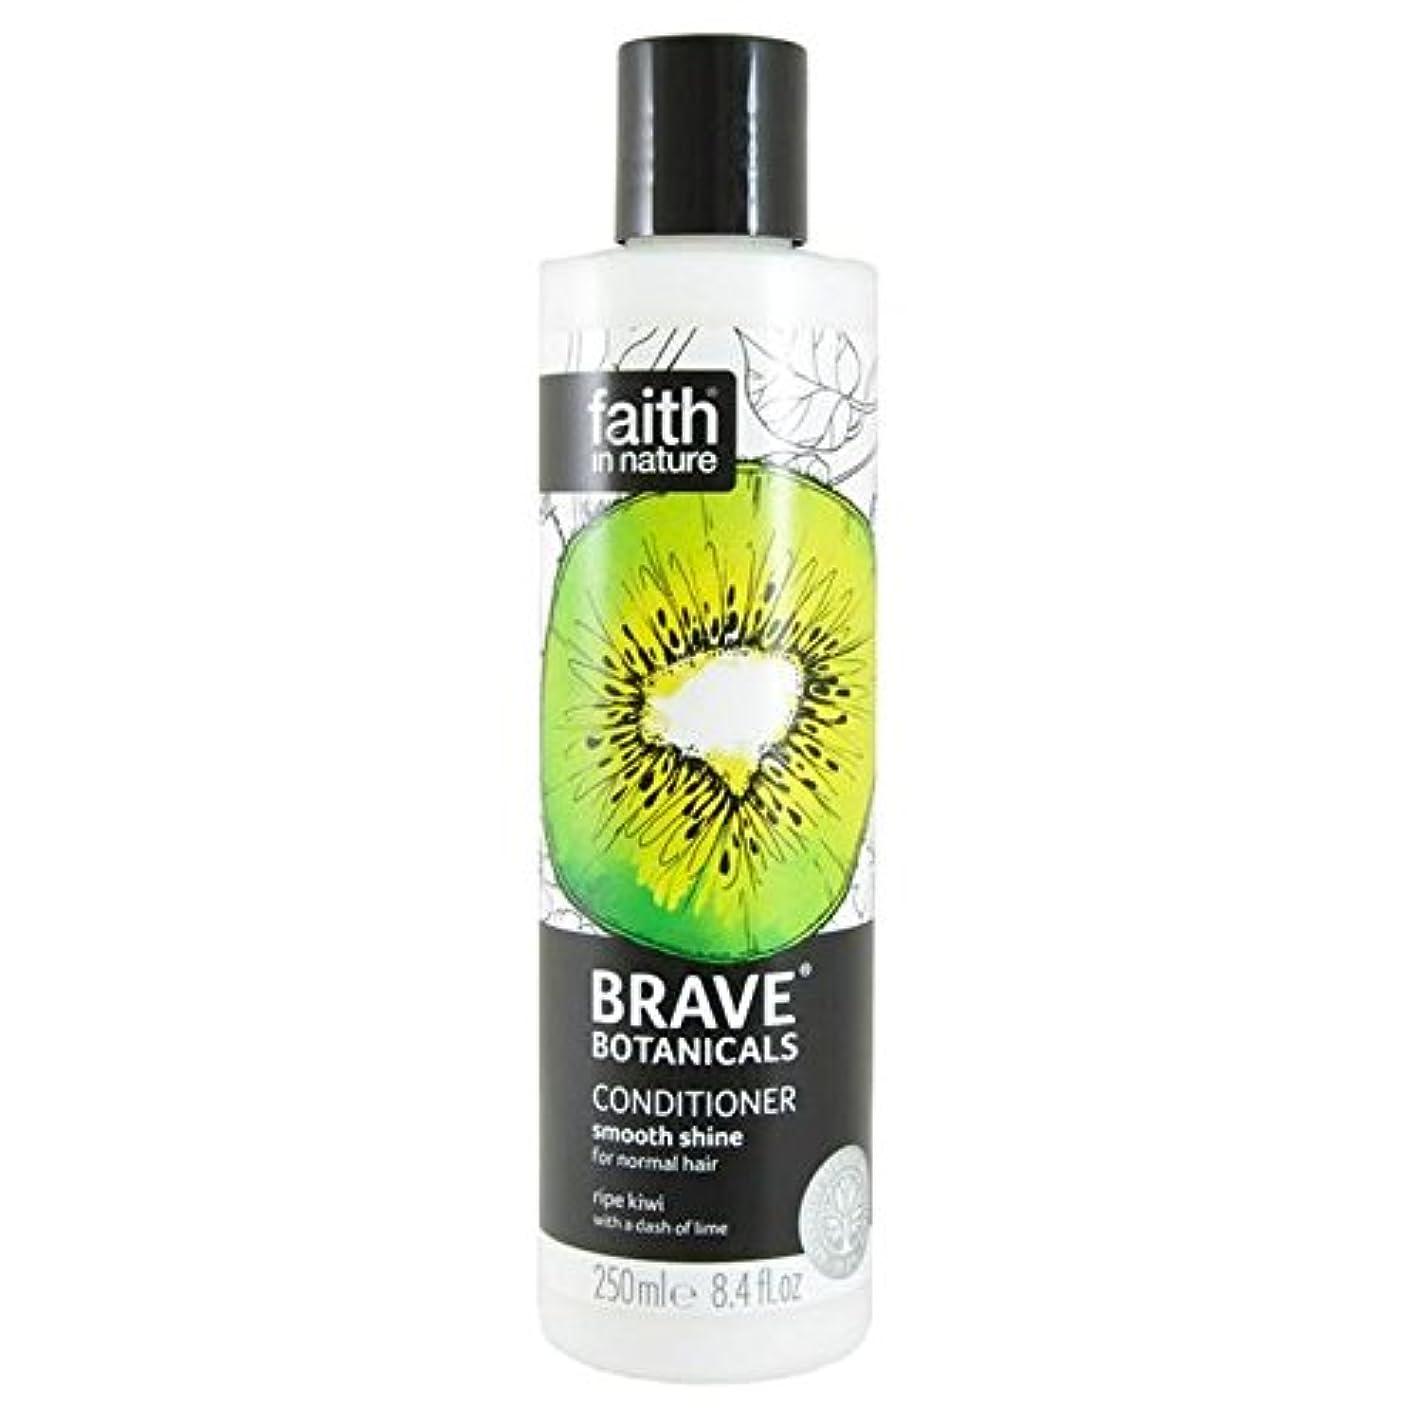 汚れる嫌がるイルBrave Botanicals Kiwi & Lime Smooth Shine Conditioner 250ml (Pack of 6) - (Faith In Nature) 勇敢な植物キウイ&ライムなめらかな輝...